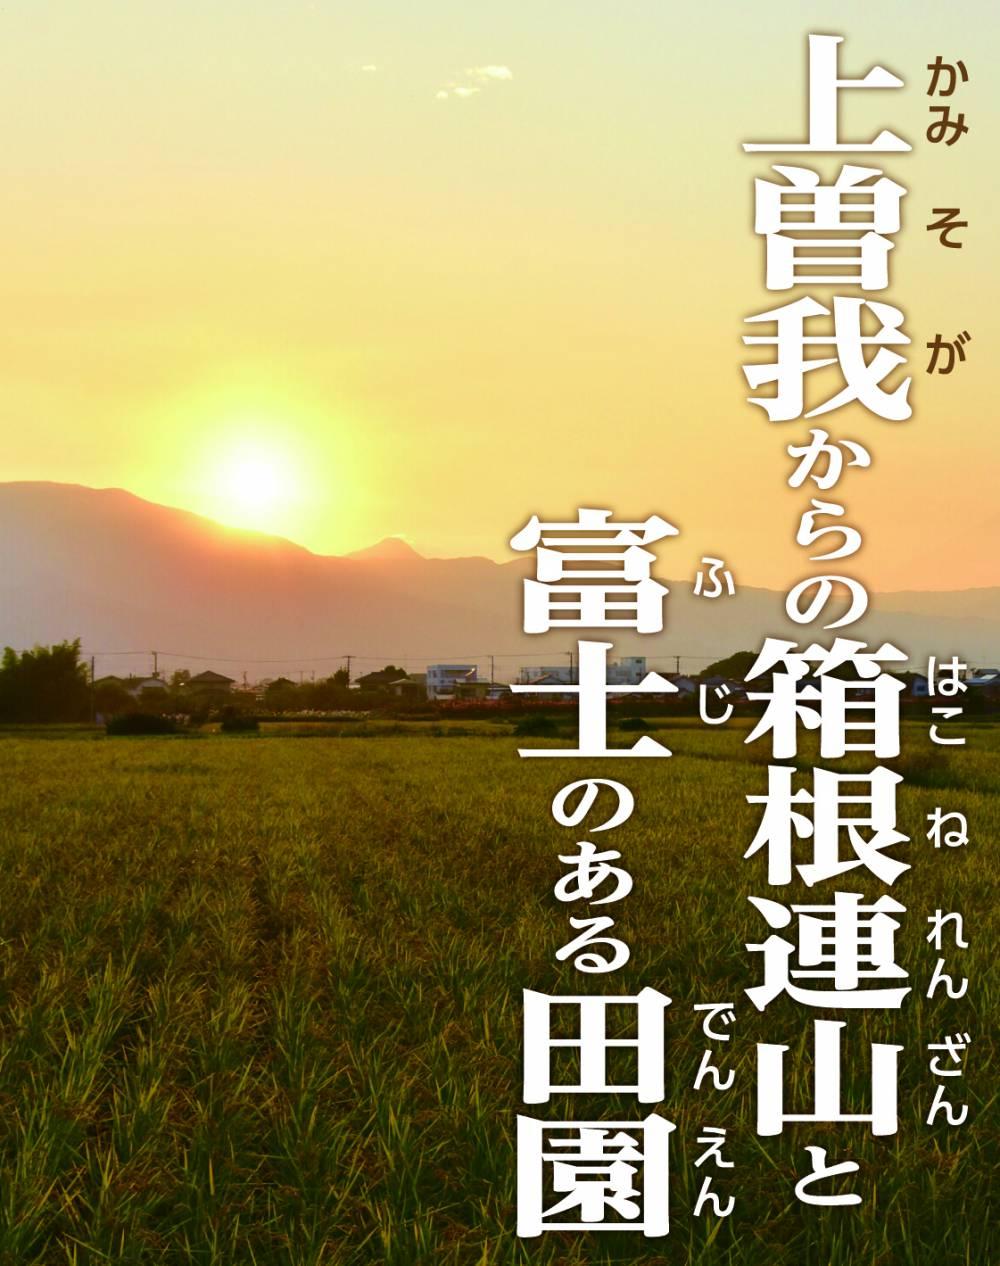 上曽我からの箱根連山と富士のある田園